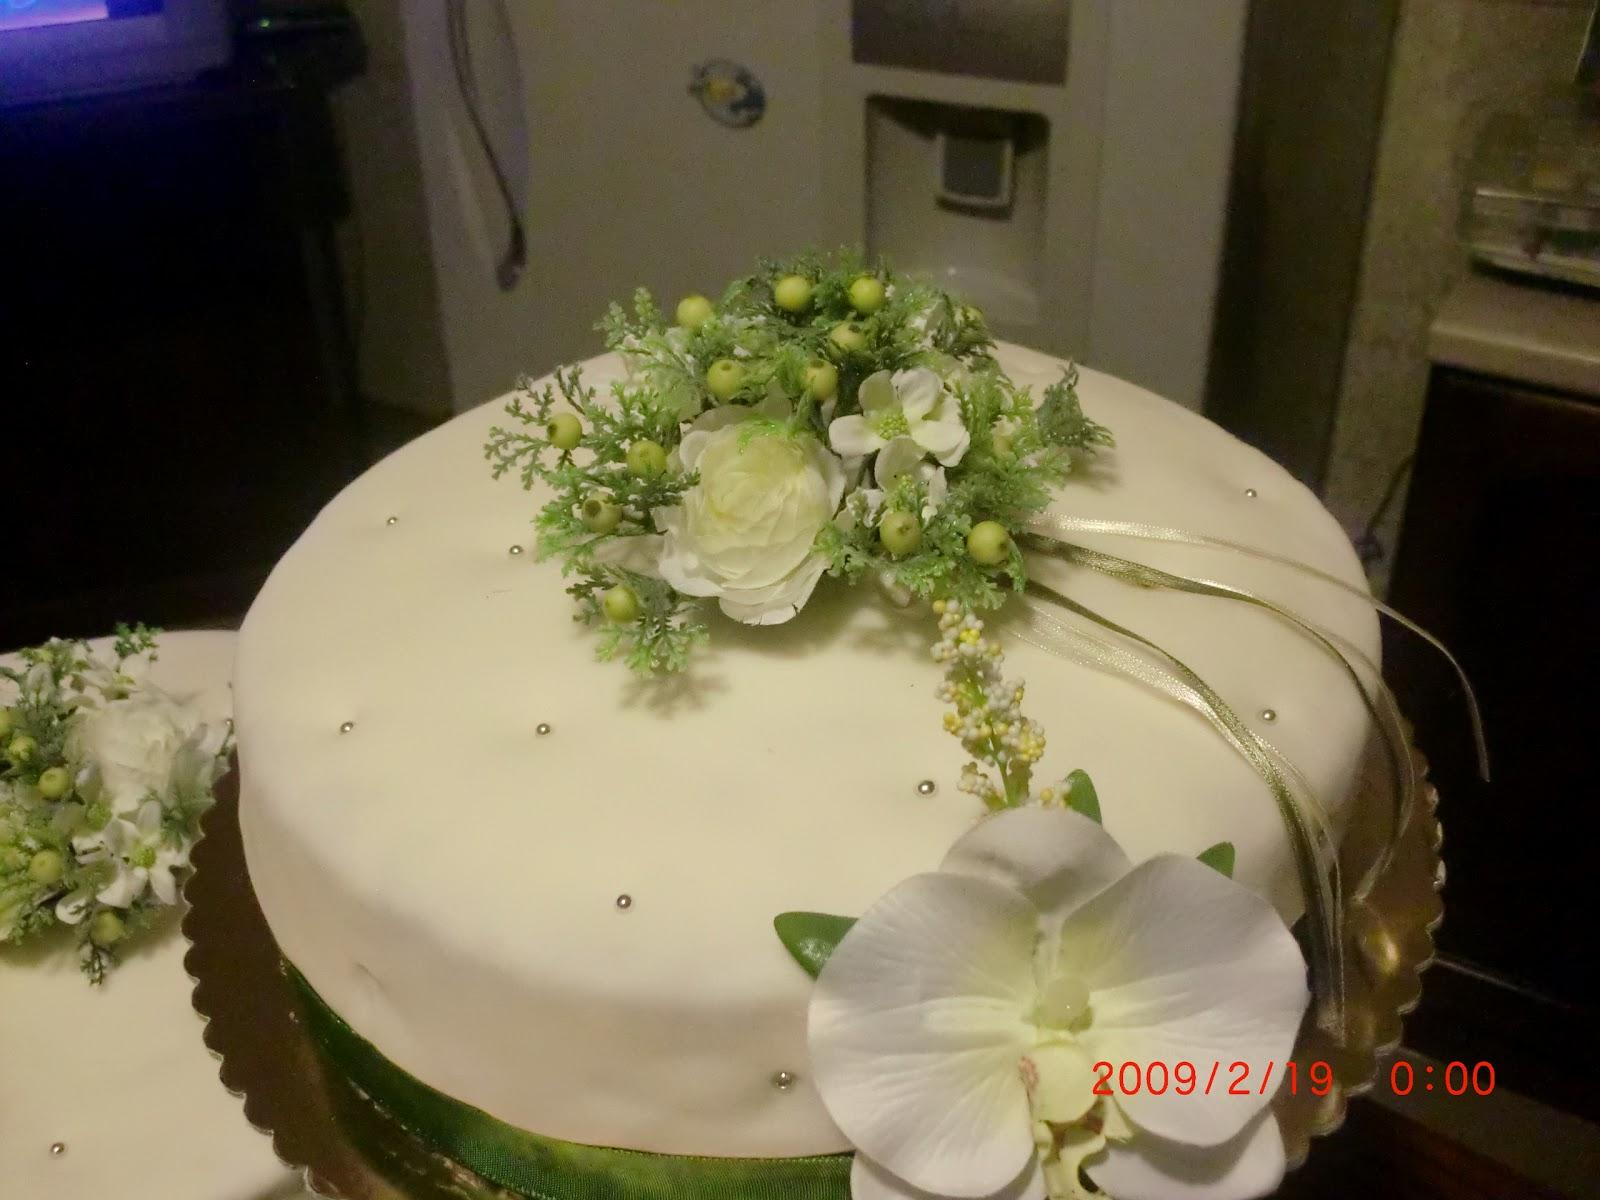 Promessa di matrimonio festa prima delle nozze forum for Addobbi per promessa di matrimonio